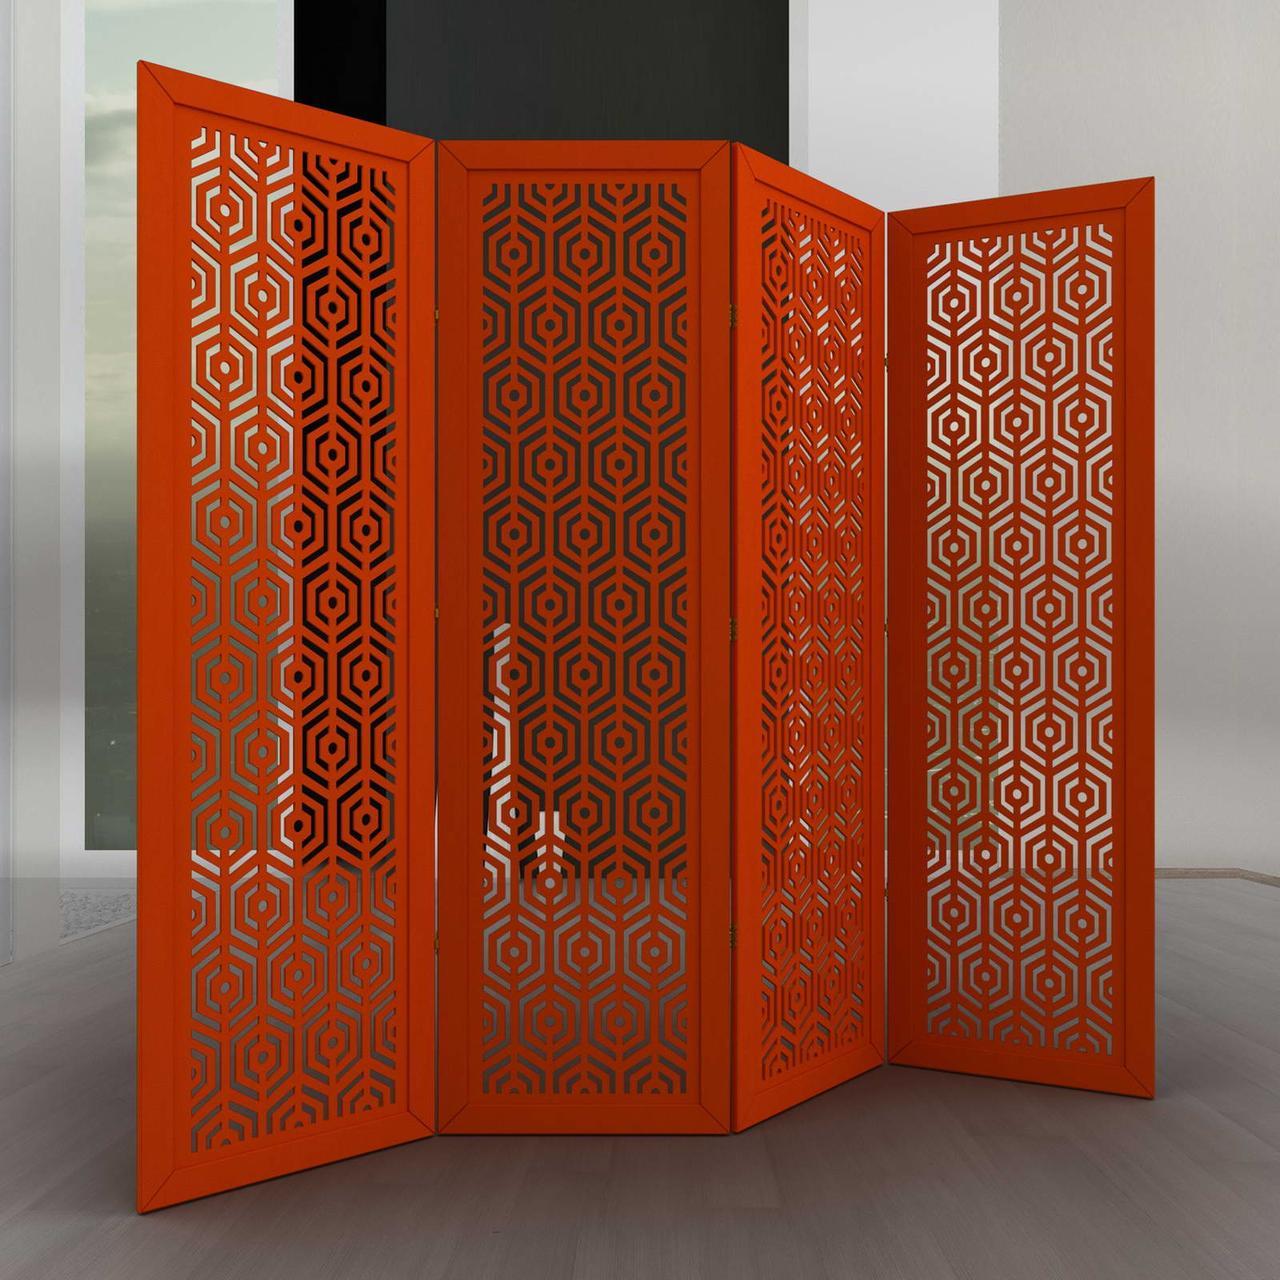 Ширма ДекоДім Регіна на 6 секцій 360х170 см (DK25-12)